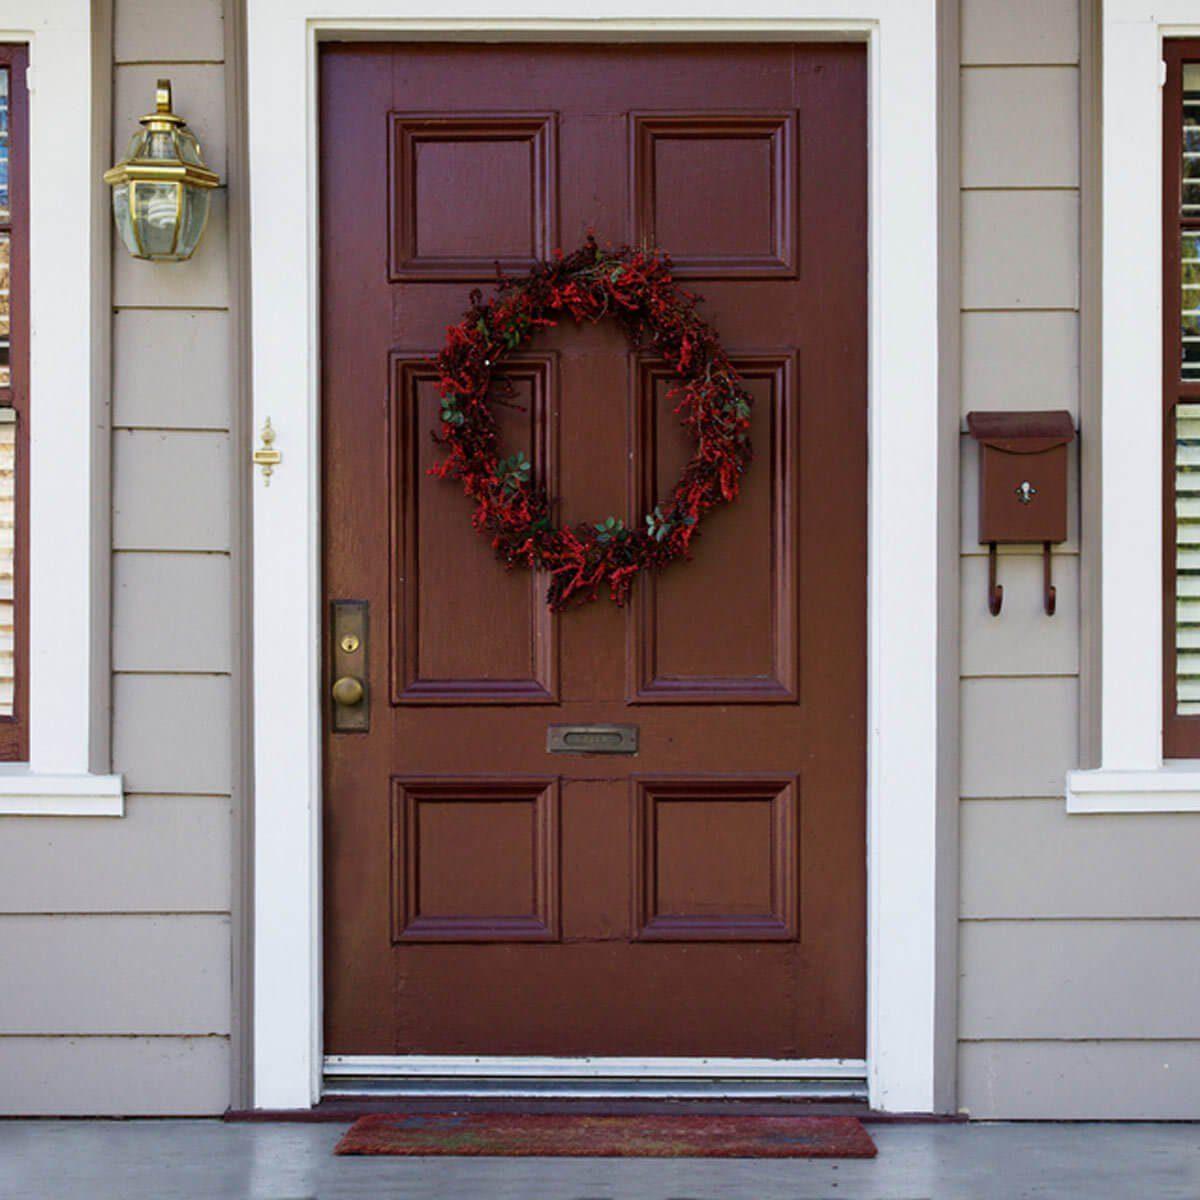 Burgundy Front Door with Wreath